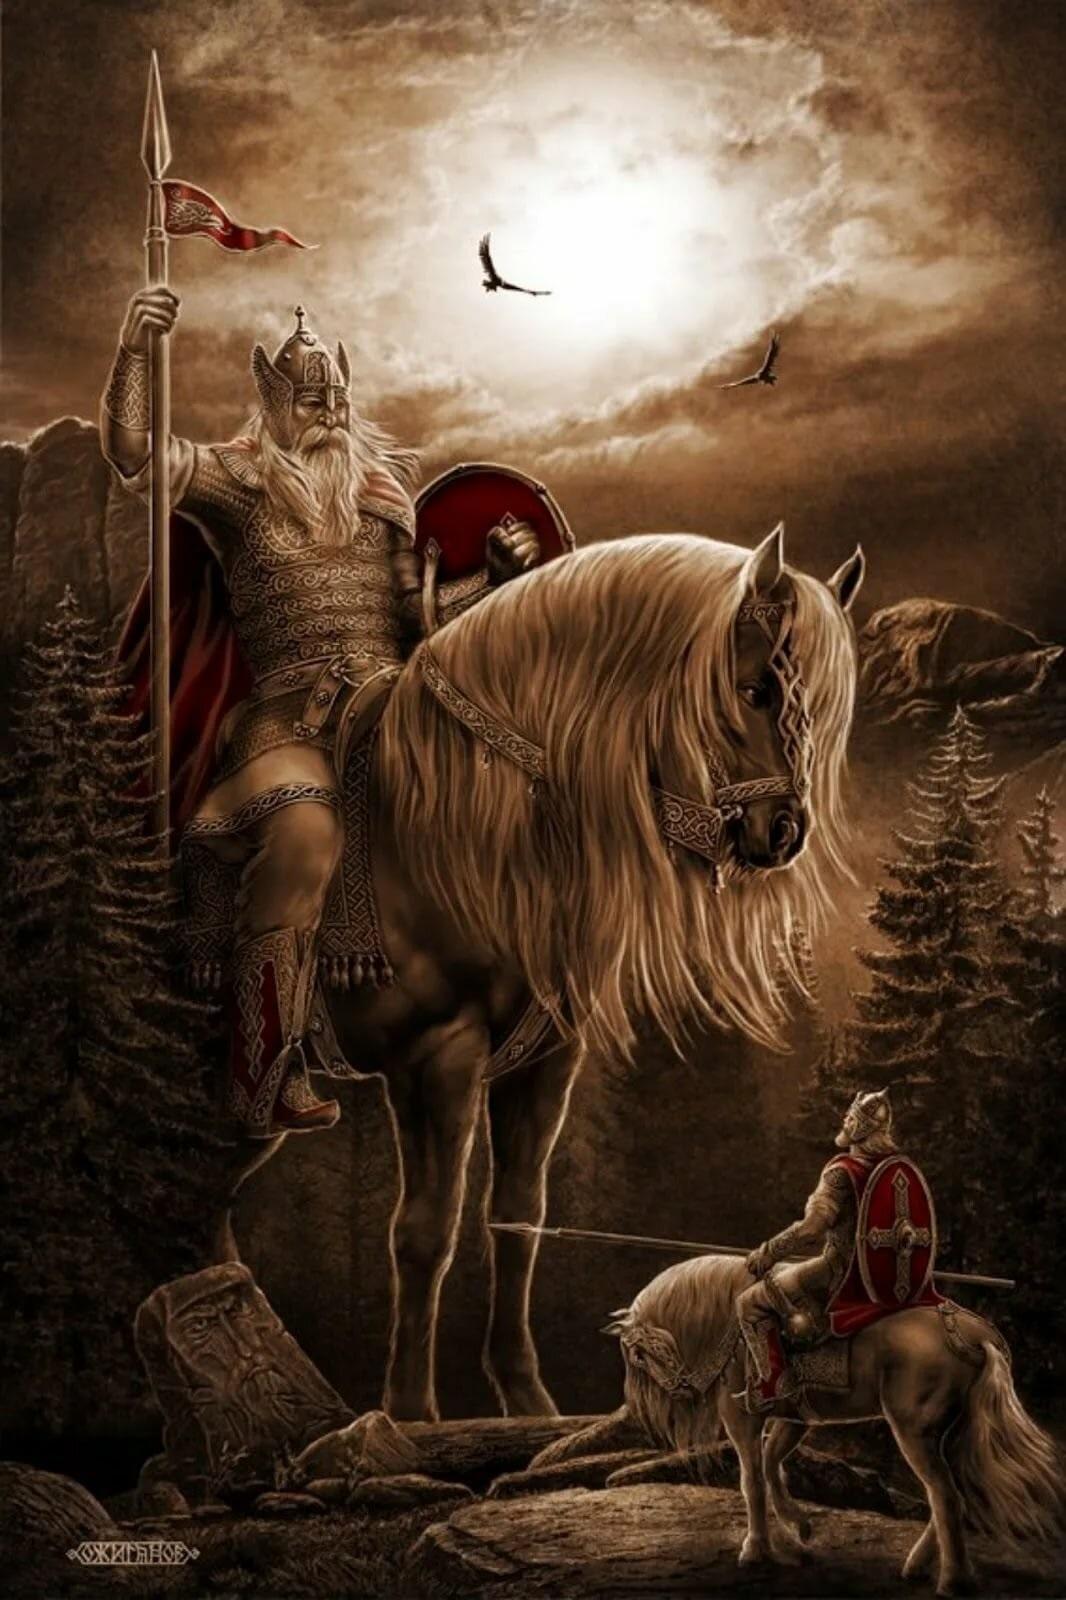 Ошибка многих - Светлые Высшие Духи не мягкие и пушистые. Они воины и поступают сурово. Почему? Внутренняя Эмпатия как спасение от принудительной чистки